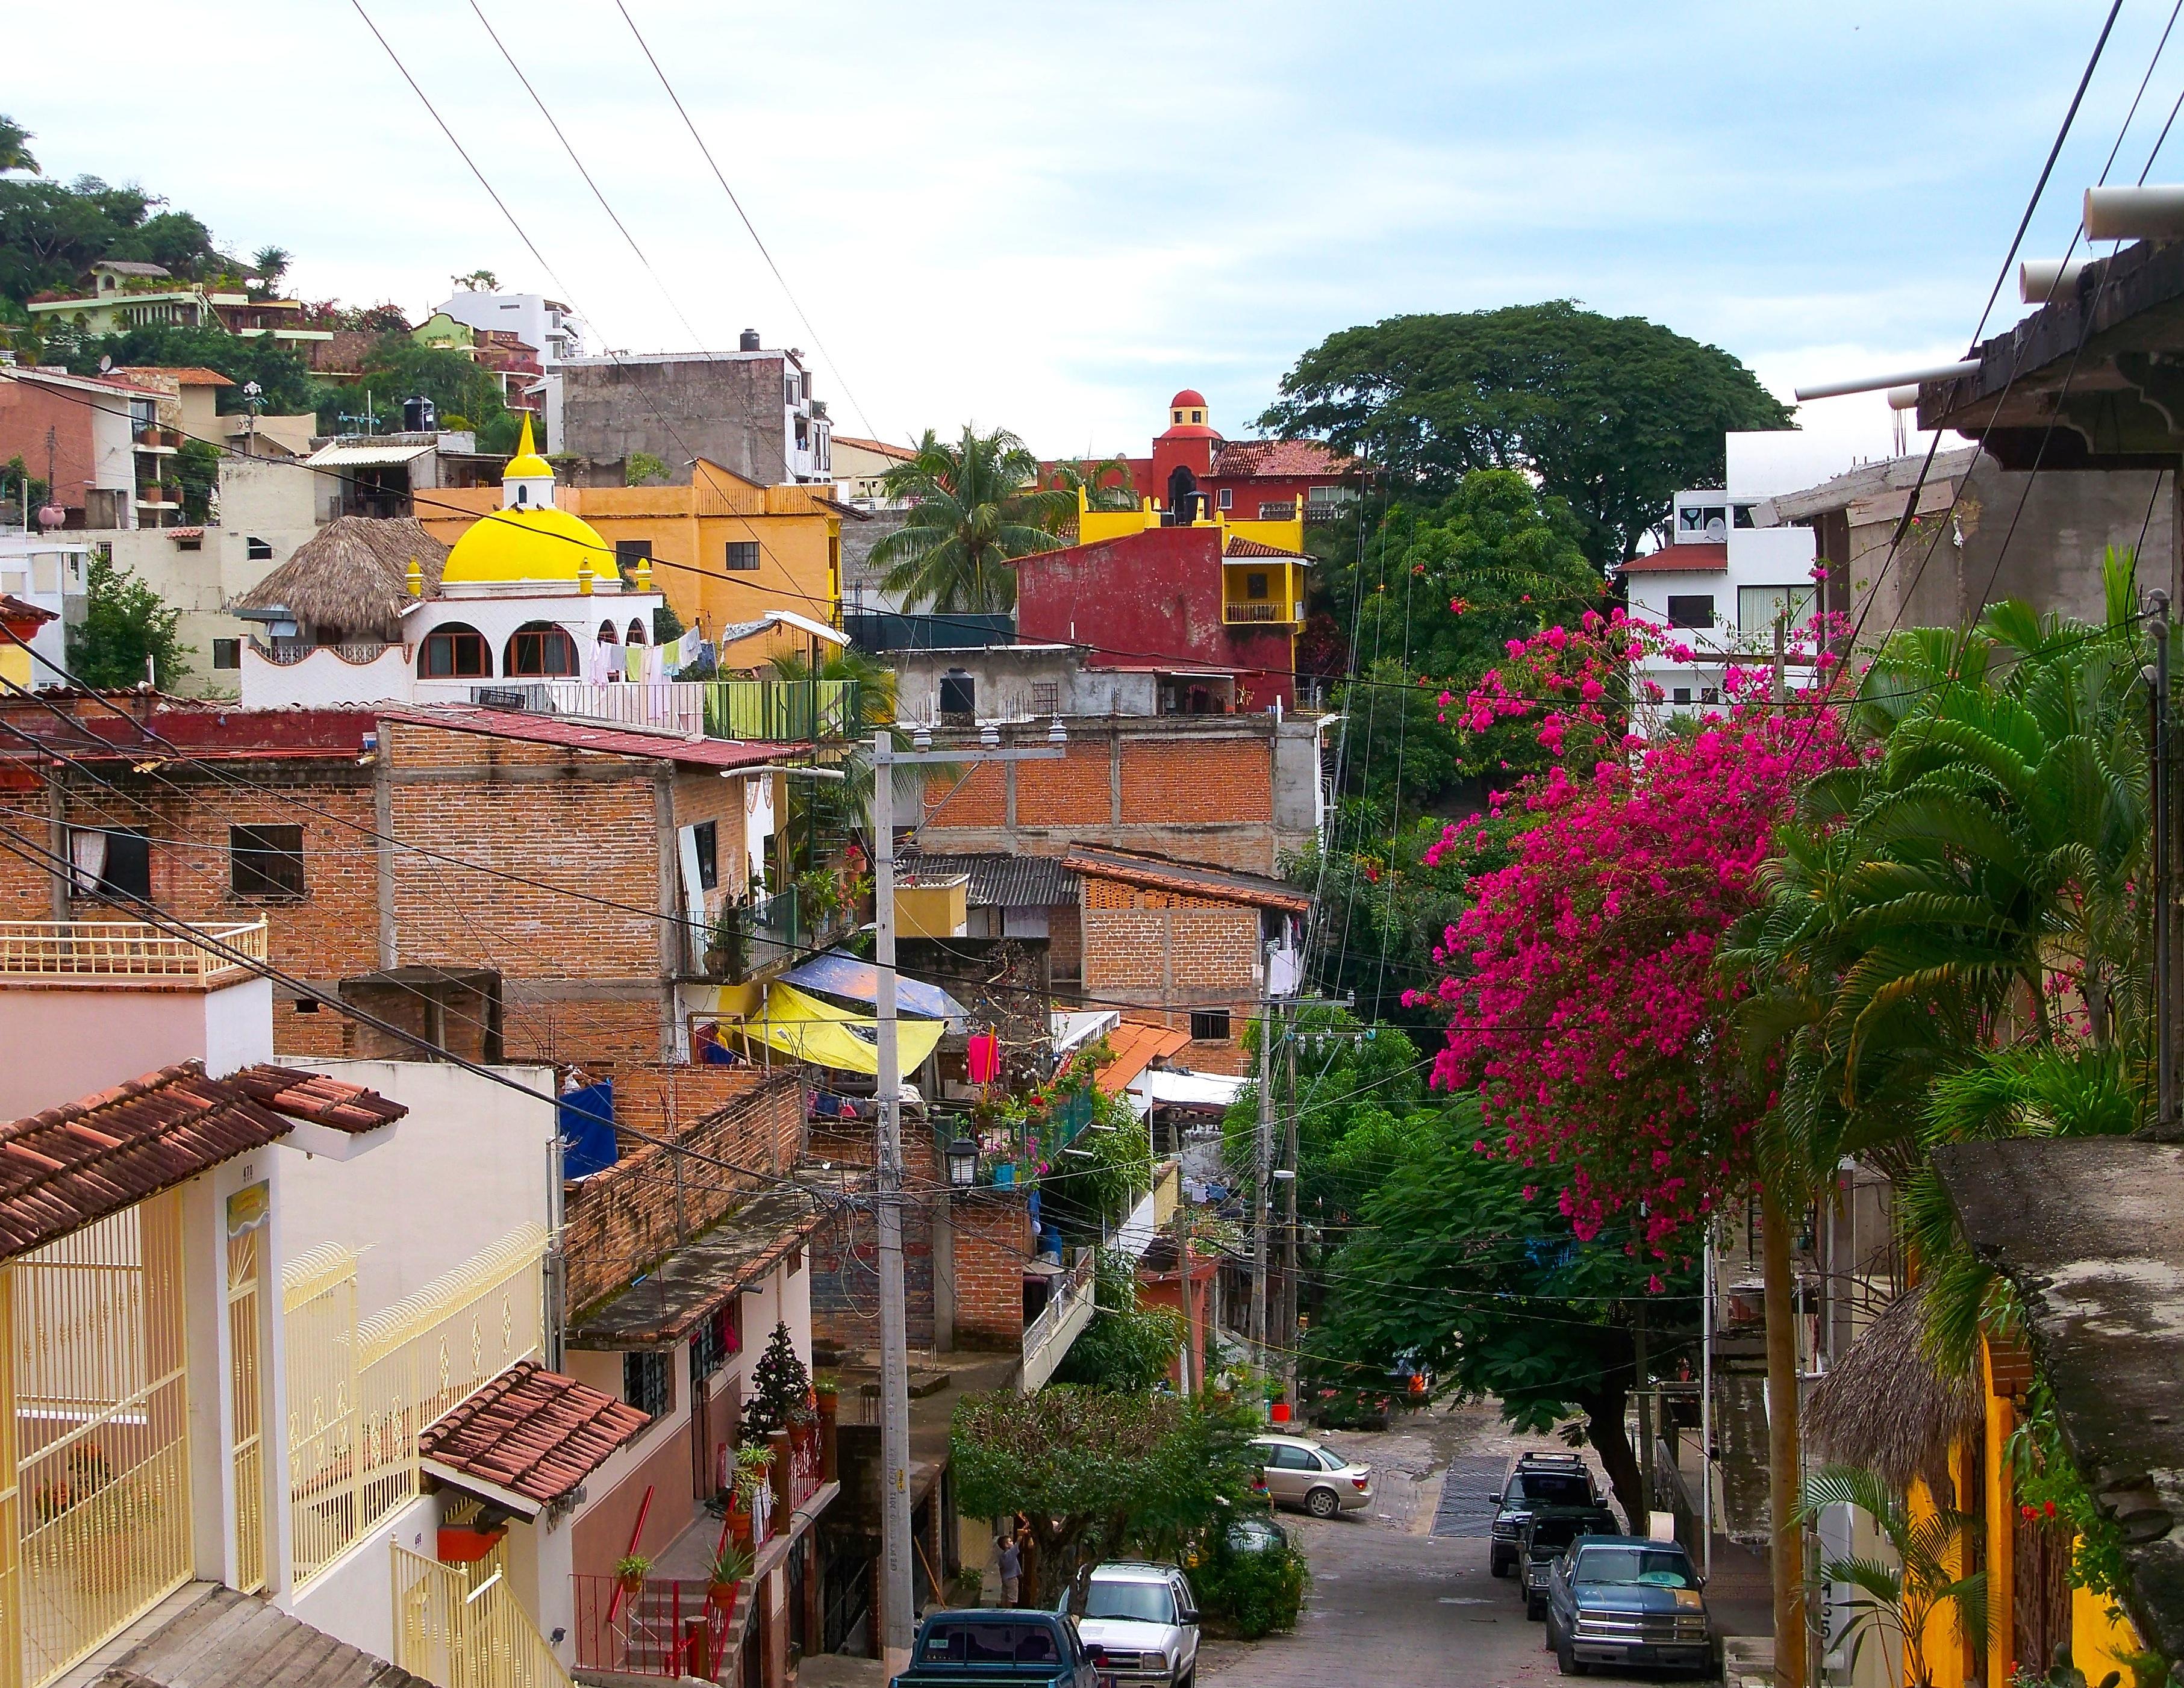 Calle Jacarandas